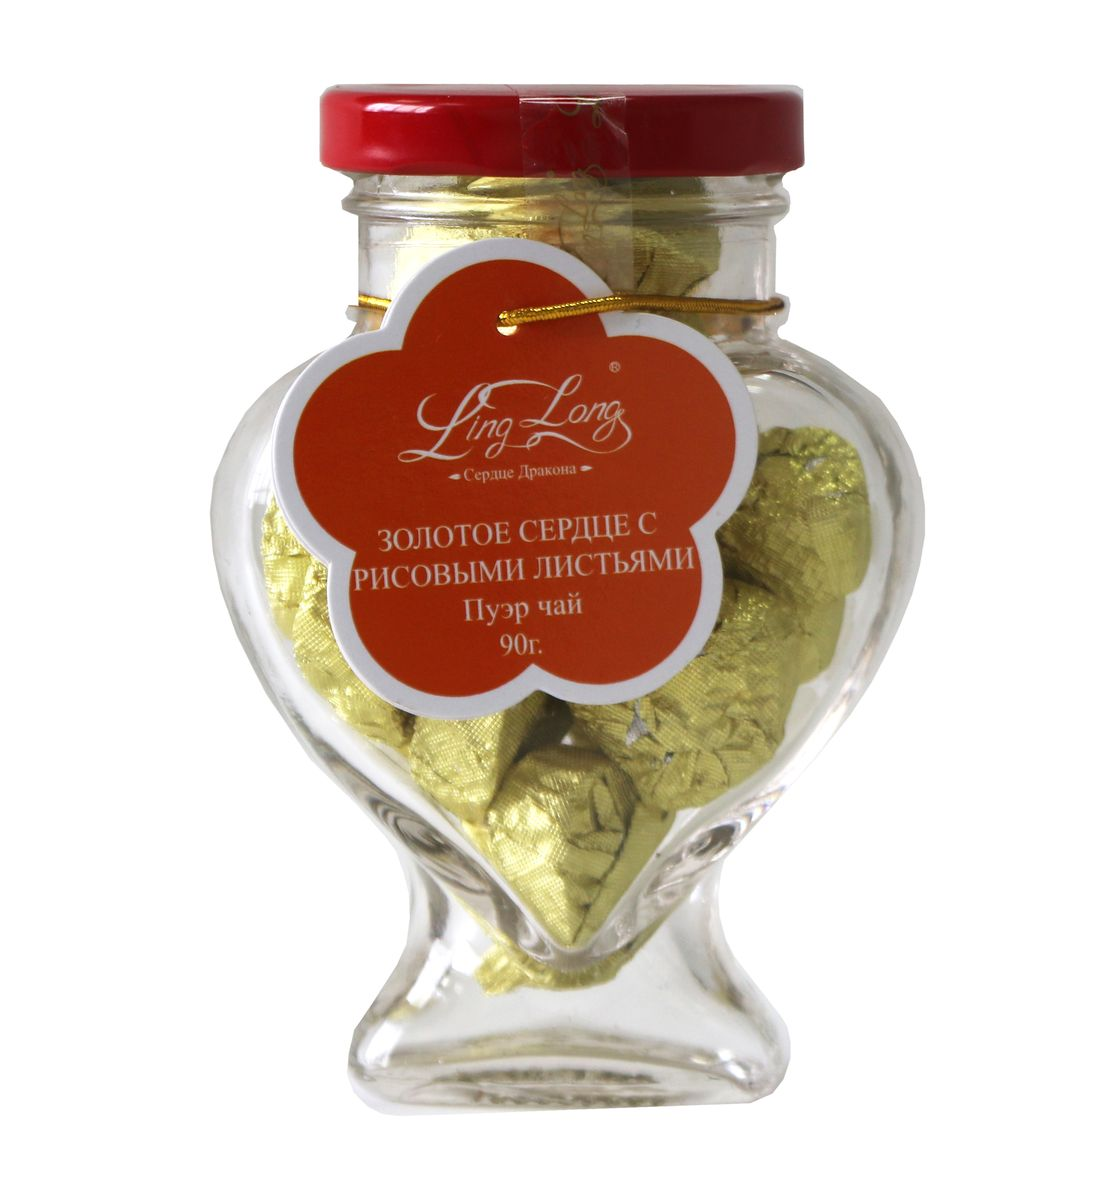 Ling Long Золотое сердце с рисовыми листьями черный листовой чай пуэр, 90 г (стеклянная банка) c pe153 yunnan run pin 7262 семь сыну пуэр спелый чай здравоохранение чай puerh китайский чай pu er 357g зеленая пища